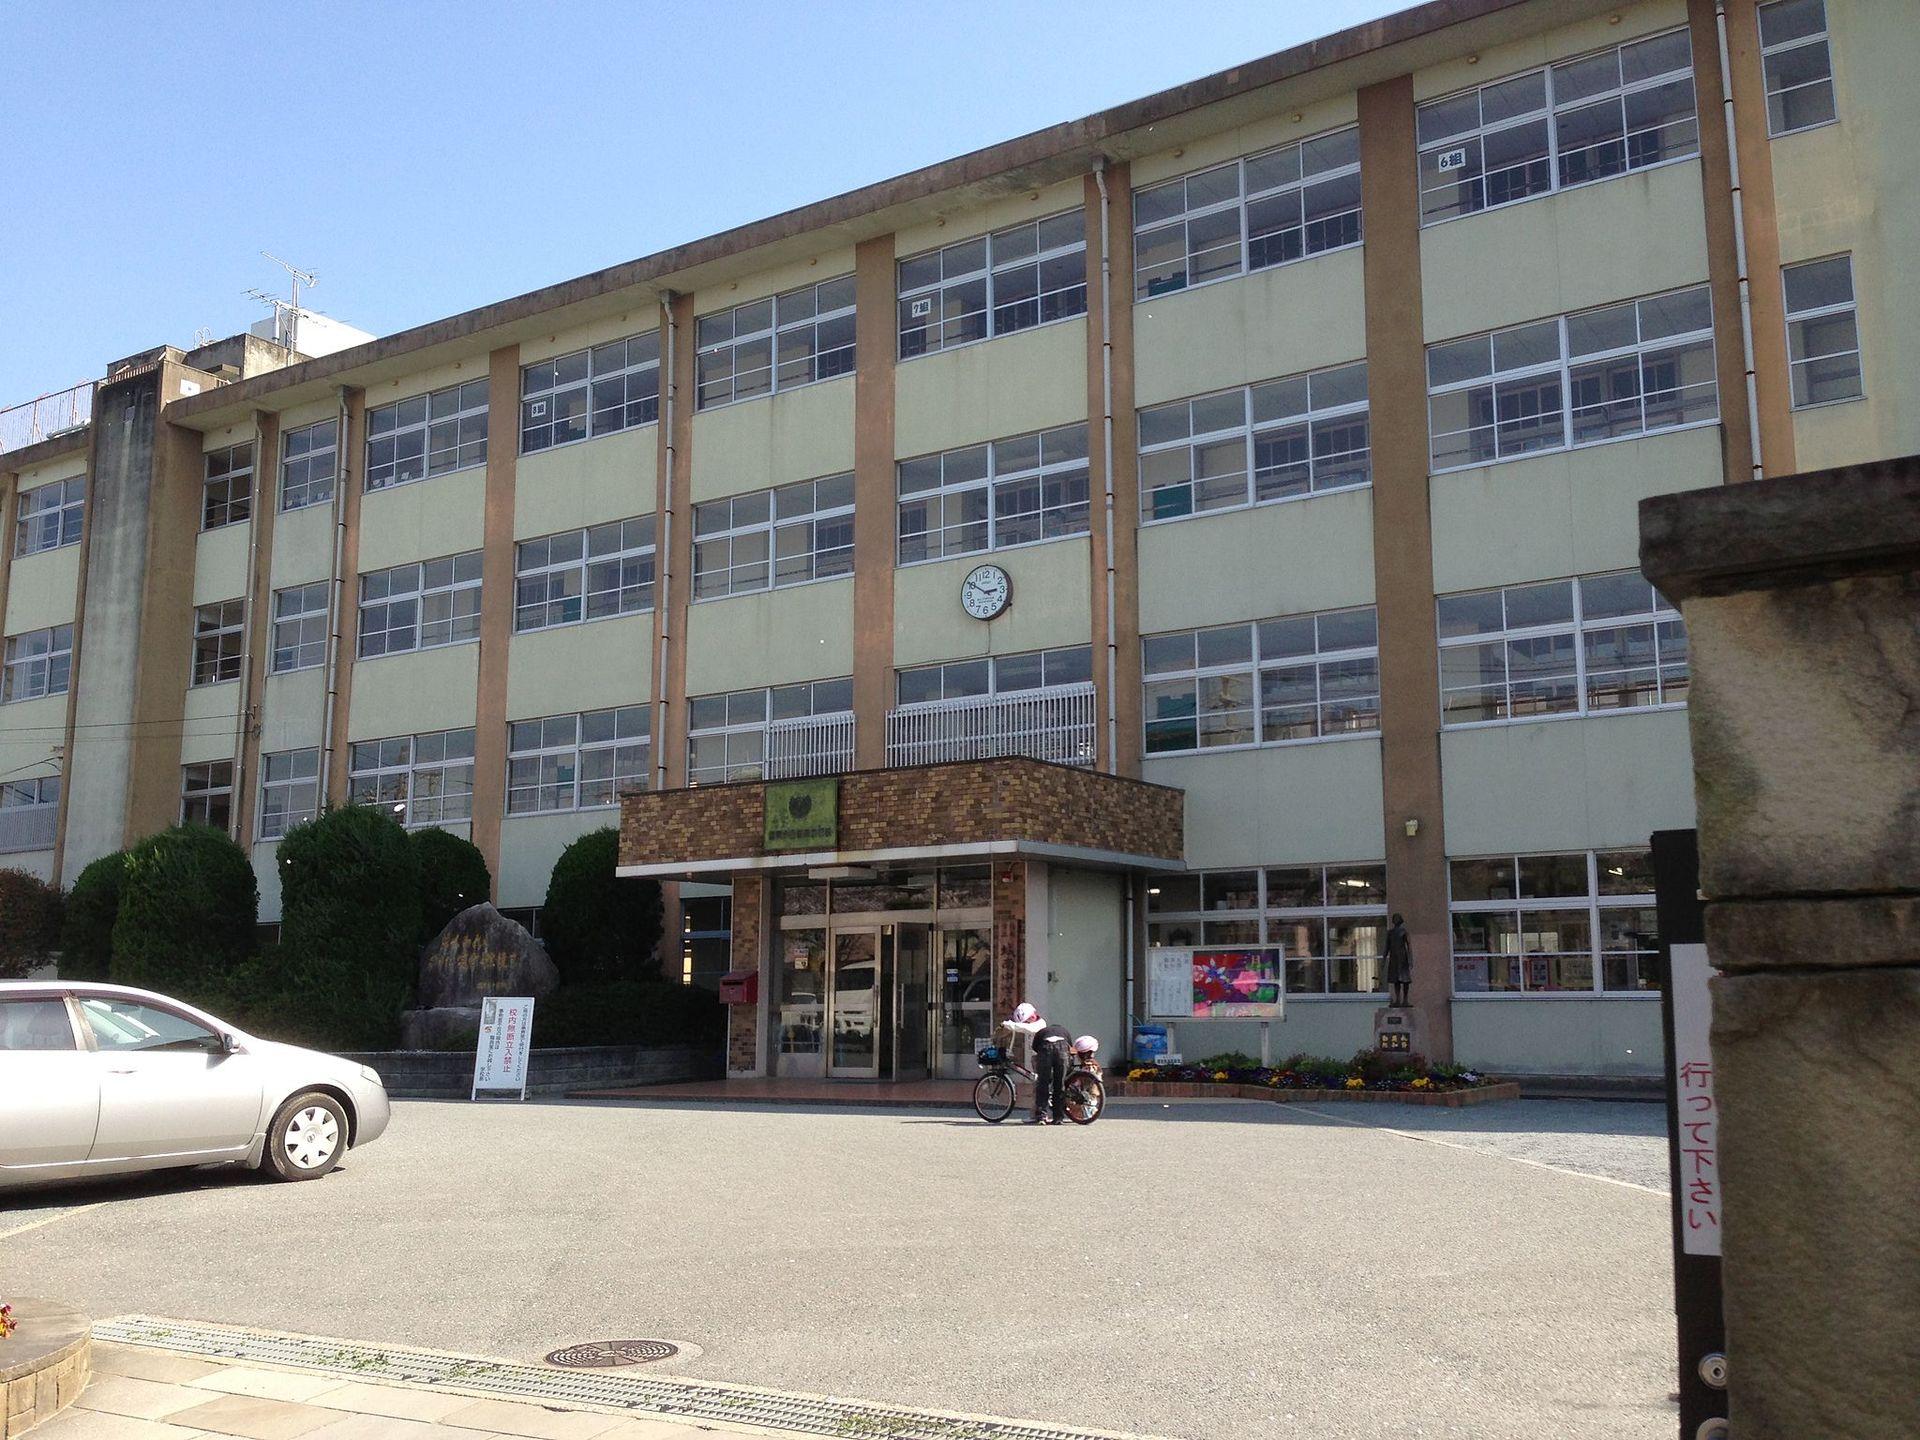 福岡市立城南中學校 - Wikipedia